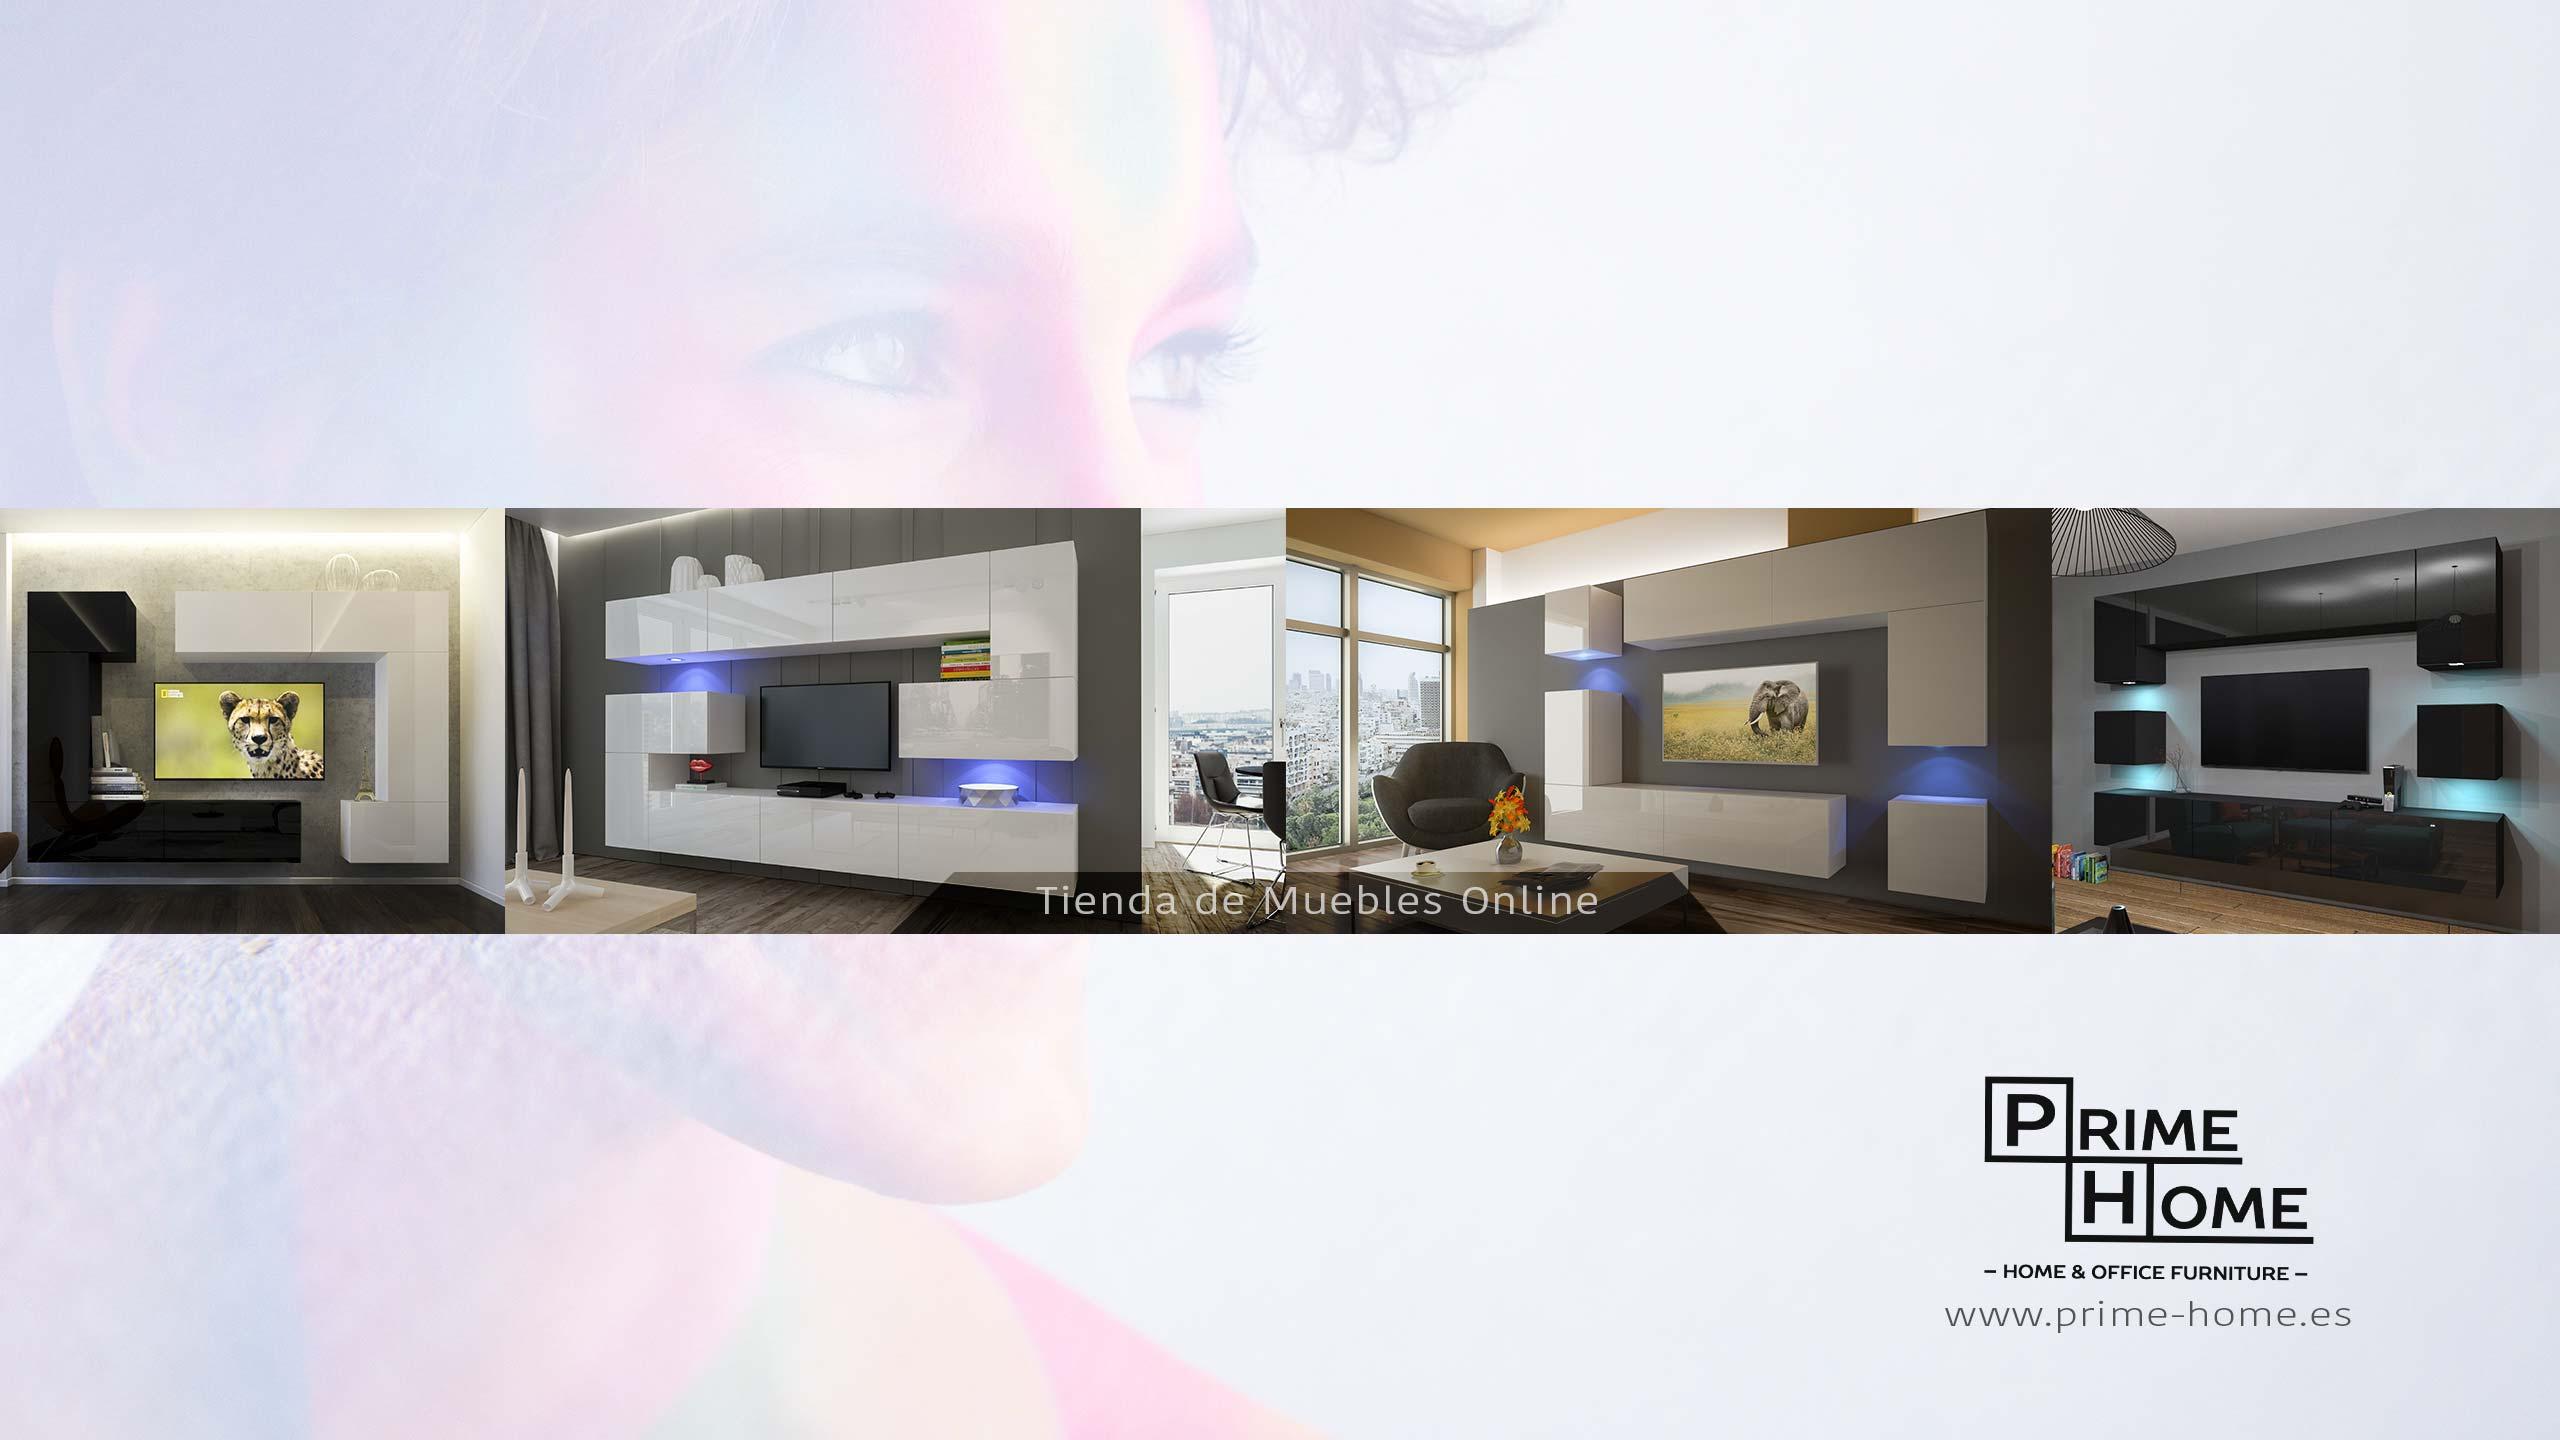 Muebles para el Hogar y Oficina - Prime Home España - Envíos gratuitos